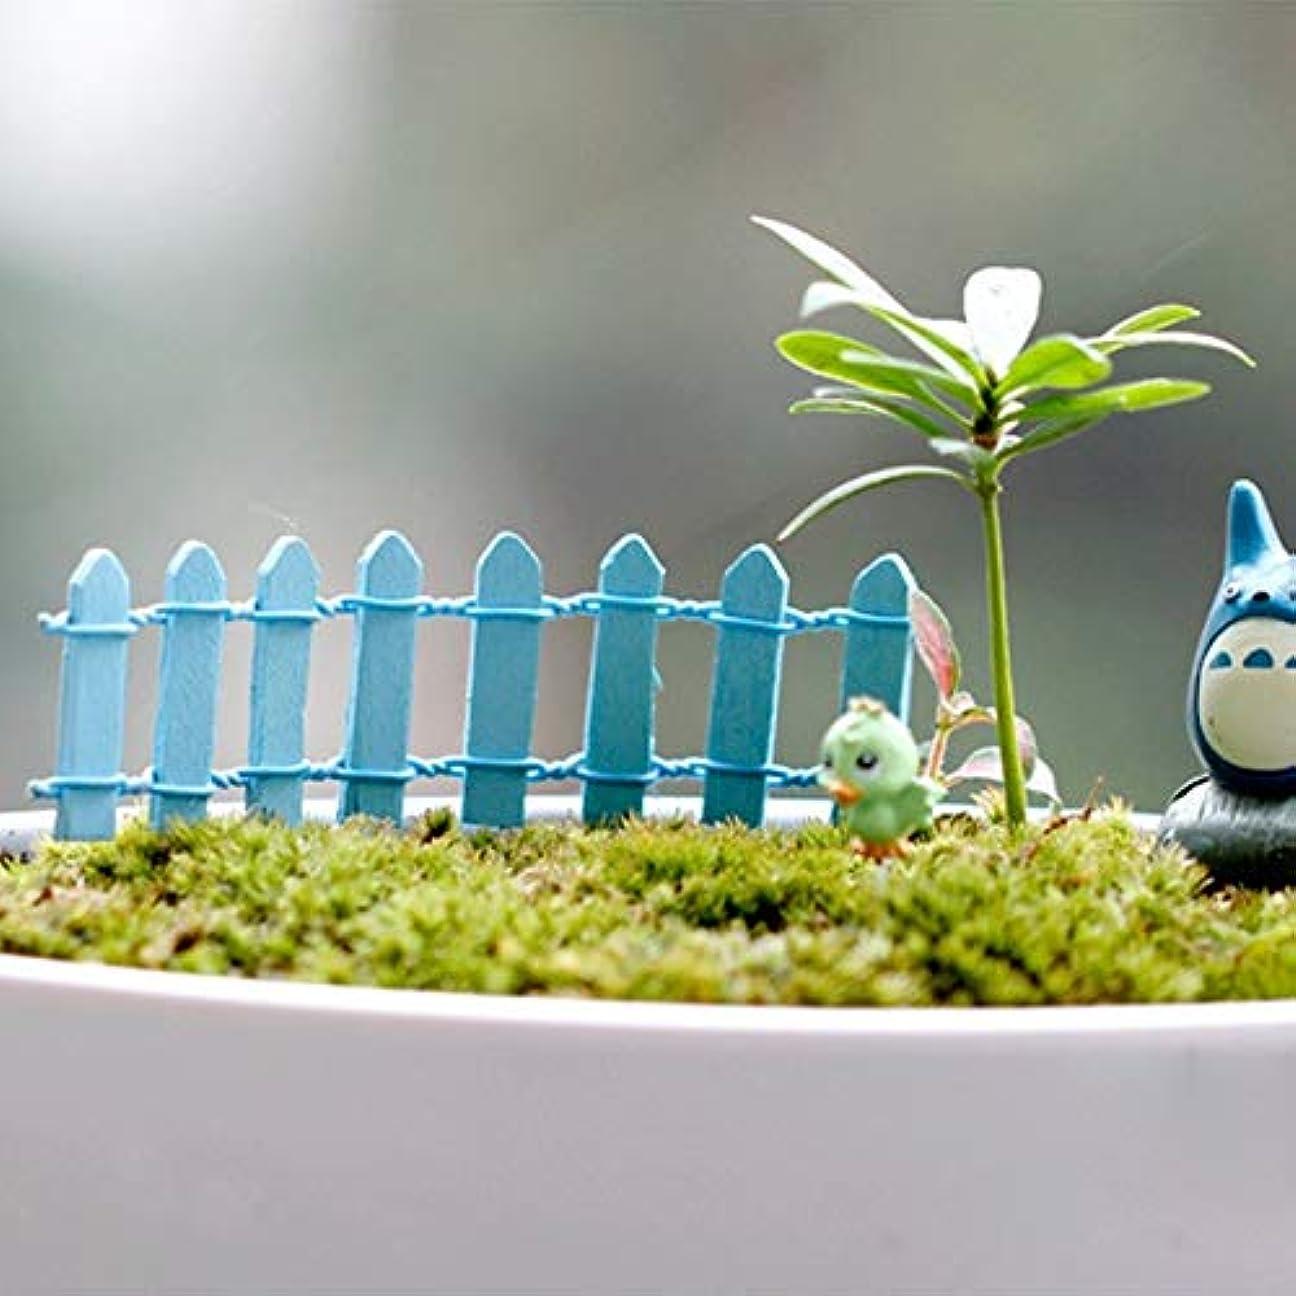 獣厳しい活力Jicorzo - 20個DIY木製の小さなフェンスモステラリウム植木鉢工芸ミニおもちゃフェアリーガーデンミニチュア[青]